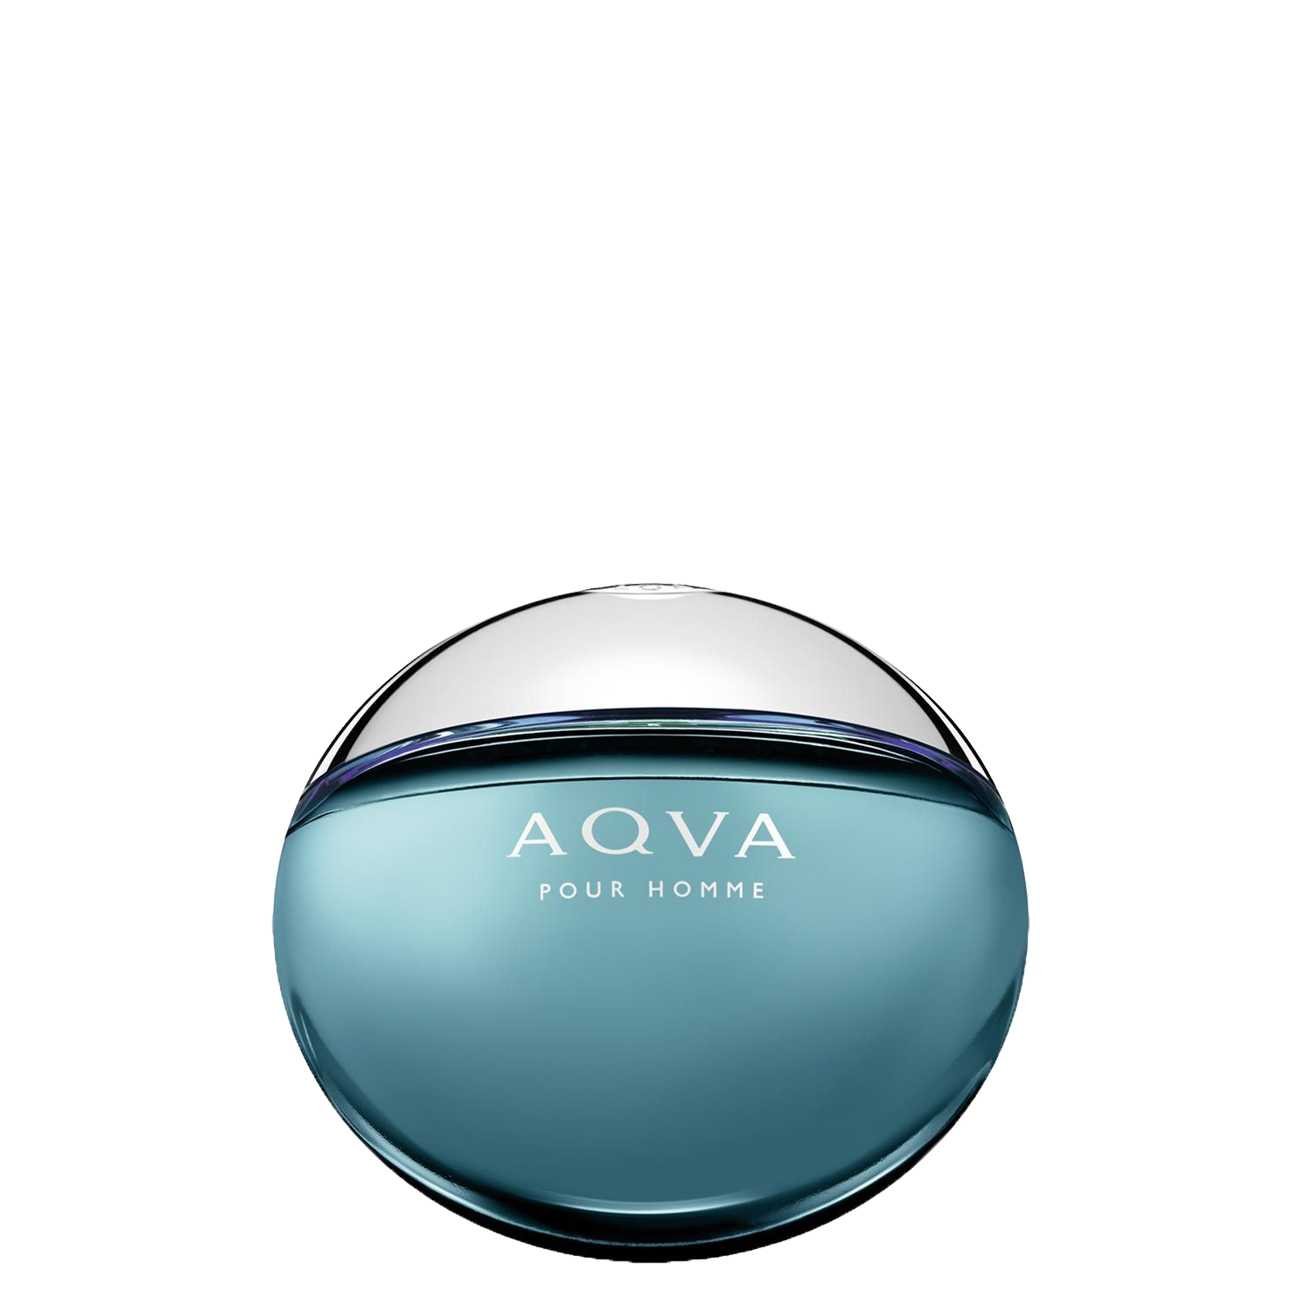 AQVA POUR HOMME 50ml imagine produs